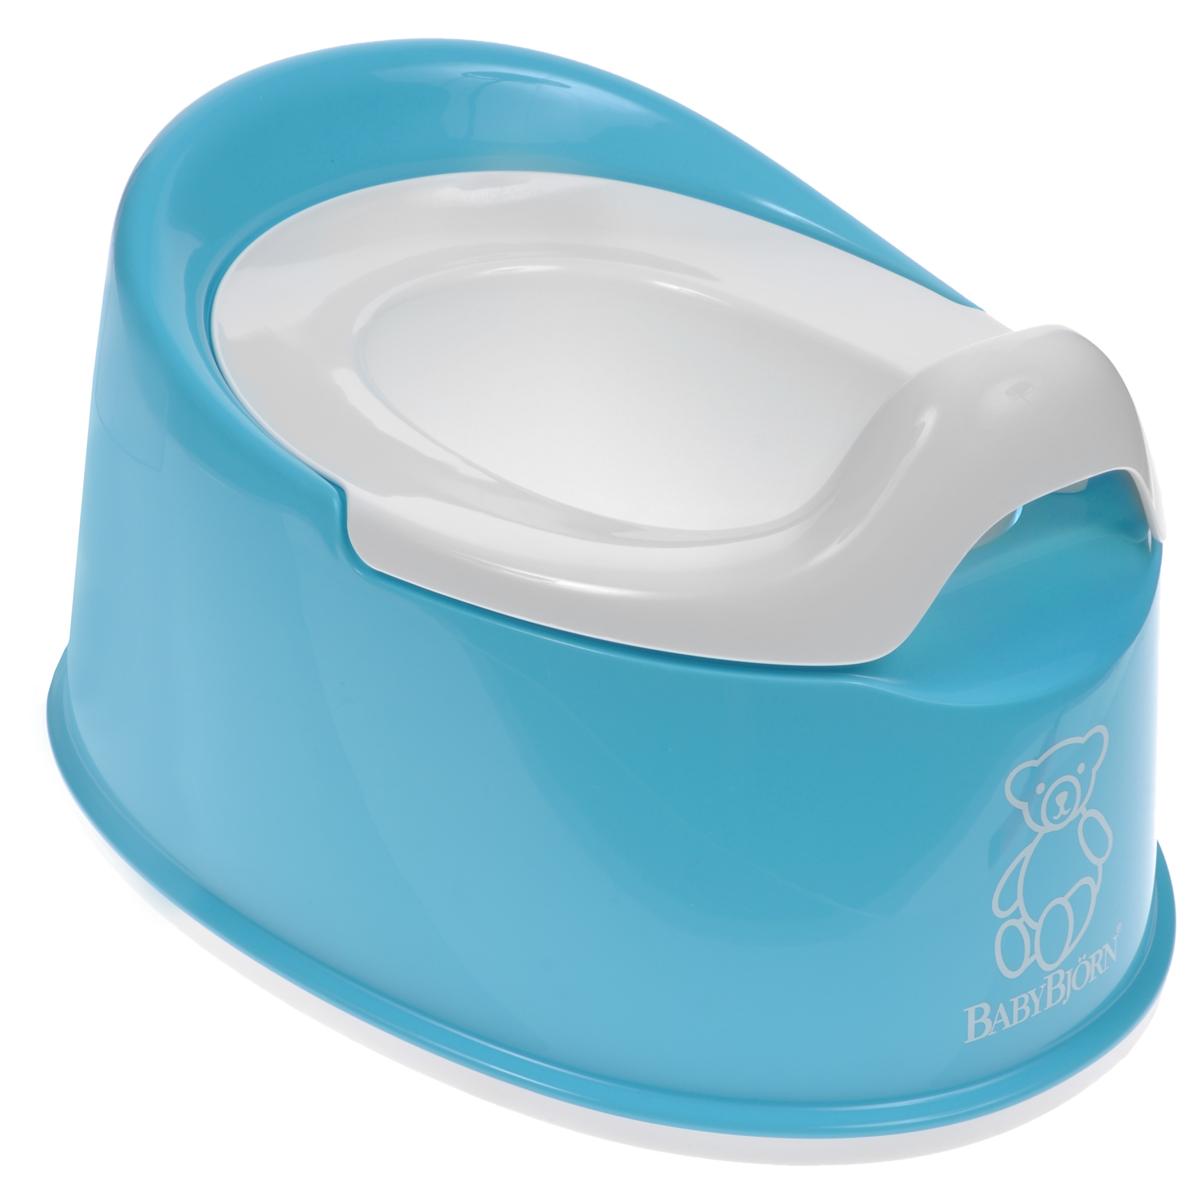 Горшок туалетный детский BabyBjorn Smart, цвет: бирюзовый0510,13Детский туалетный горшок BabyBjorn Smart представляет собой превосходное сочетание функциональности и продуманного дизайна. Несмотря на маленькие размеры, он устойчив, его легко содержать в чистоте, и поэтому он идеально подходит даже для небольшого помещения. Он занимает мало места и его легко брать с собой. Кроме того, благодаря эргономичному дизайну и мягким контурам, ребенку приятно и удобно им пользоваться. Внутренняя часть горшка легко вынимается и моется отдельно. Горшок выполнен из пластика, поддающегося утилизации и не содержащего ПВХ. Устойчиво стоит на месте благодаря резиновым планкам. Рекомендуемый возраст: от 6 месяцев до 4 лет.